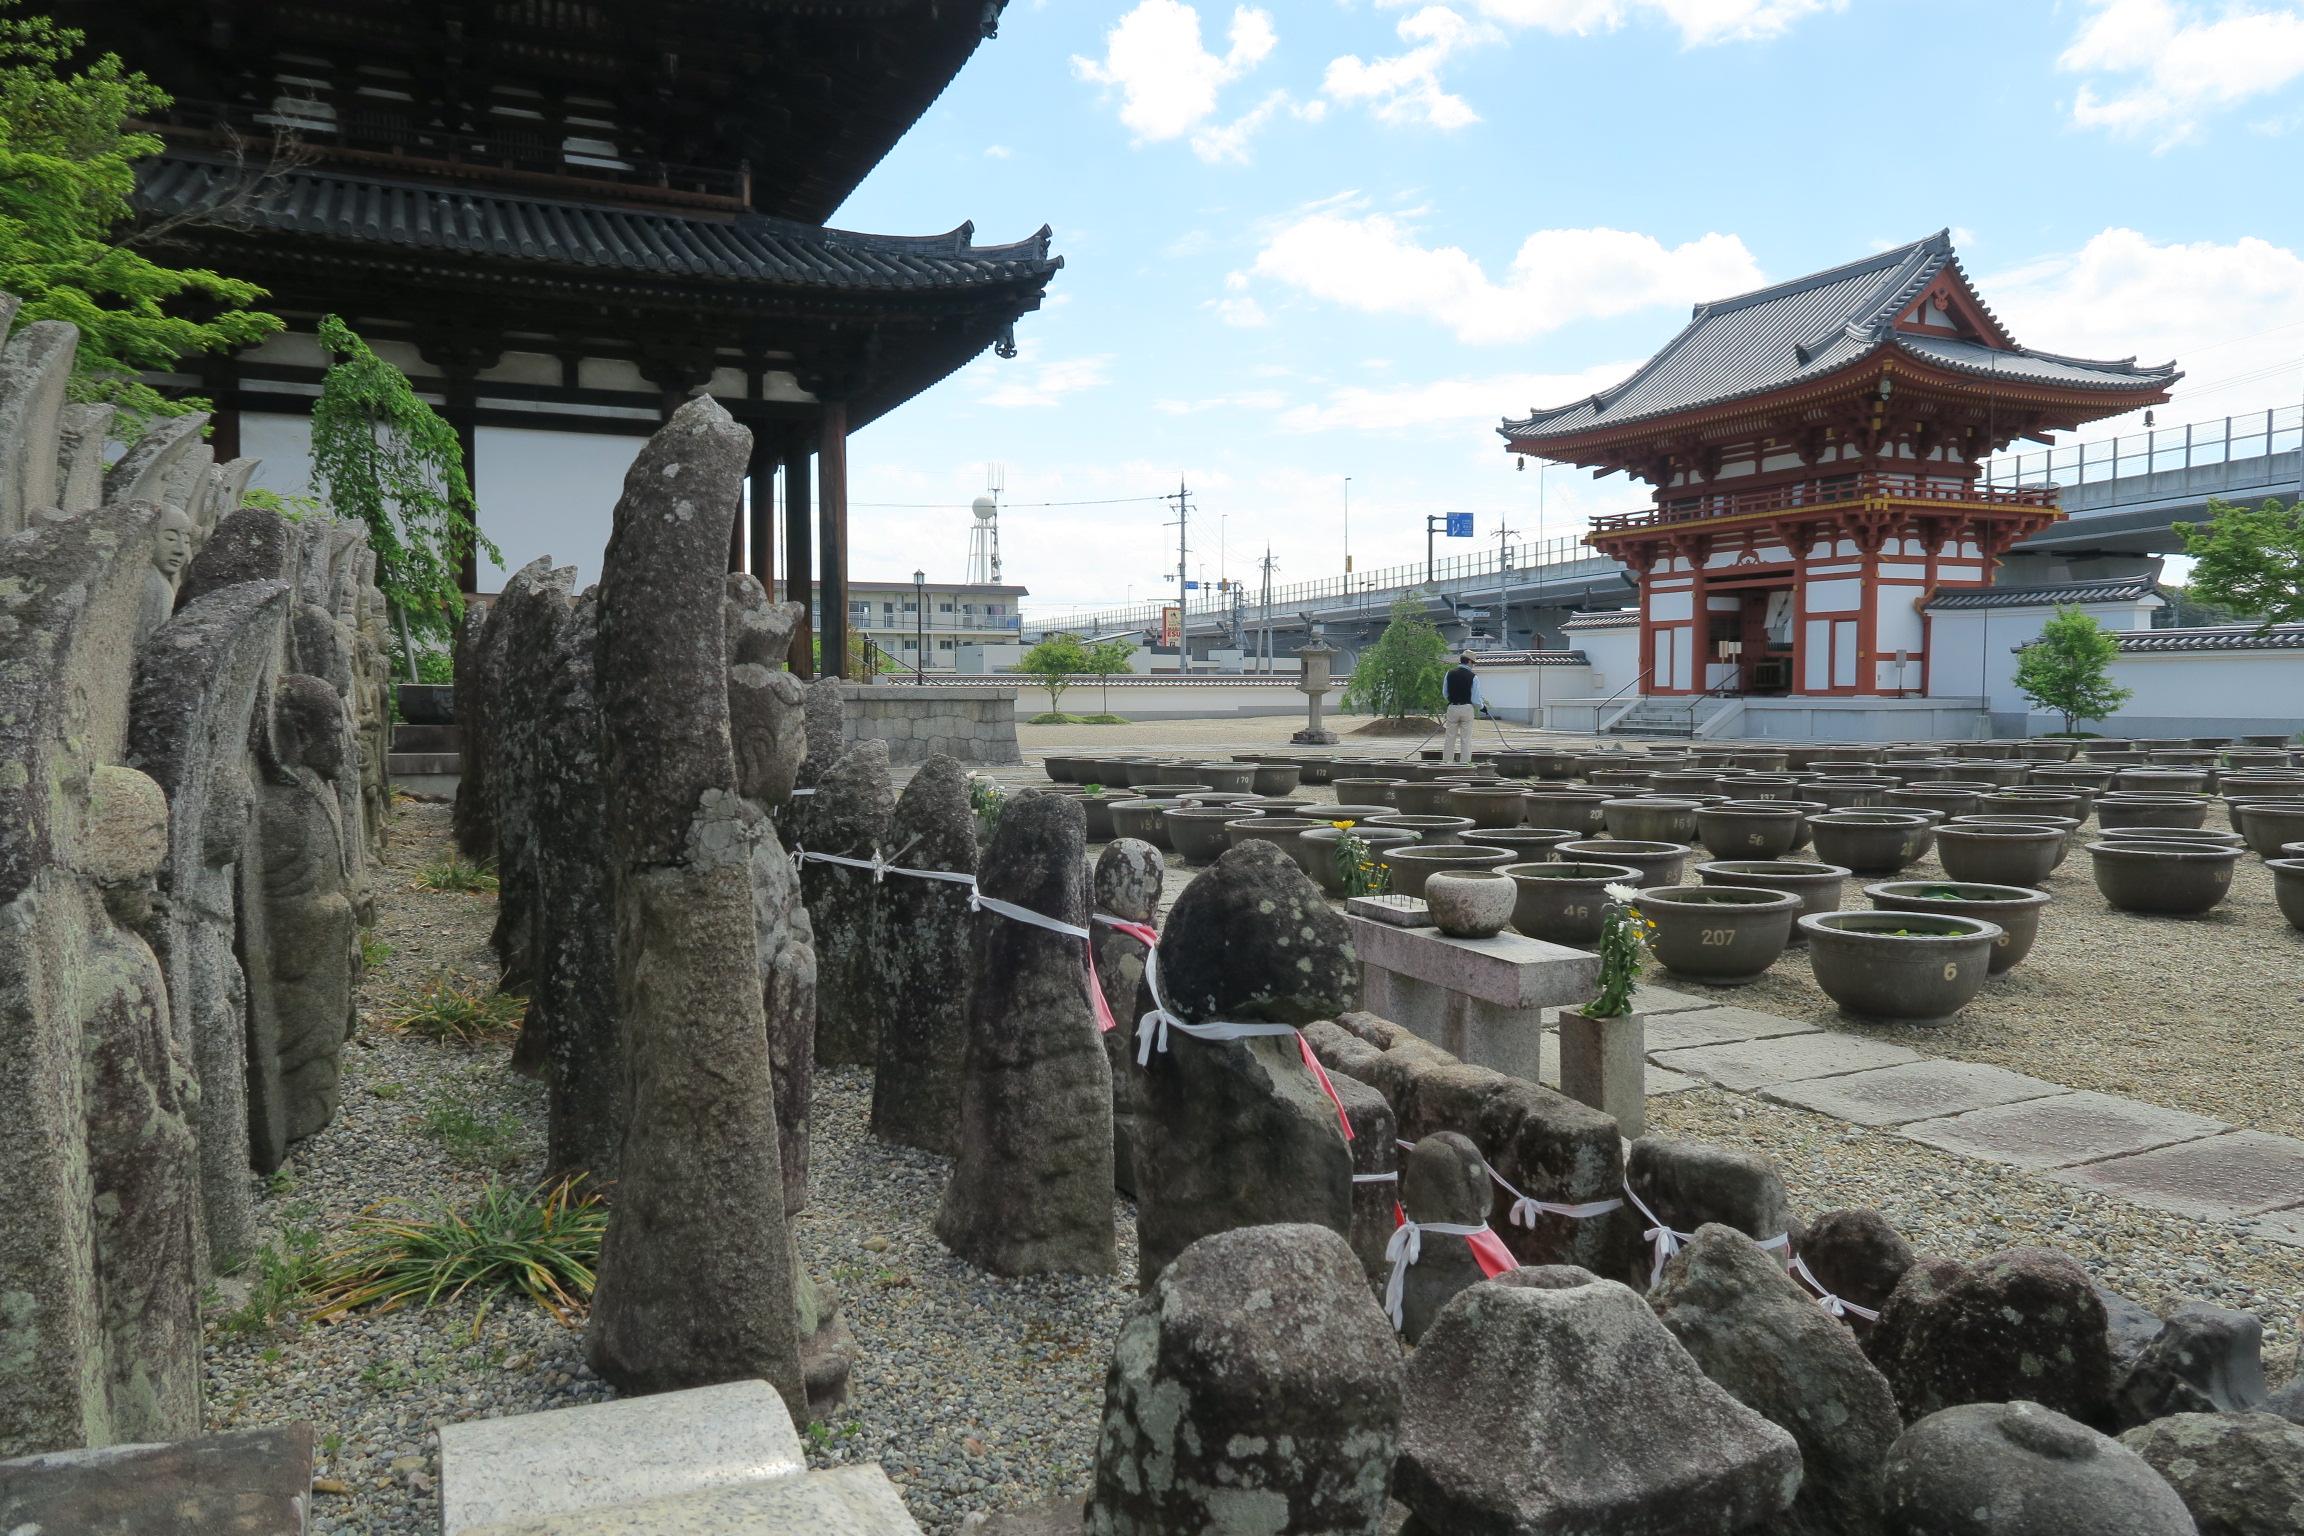 喜光寺境内にある石仏群と蓮の鉢。6月になると蓮の花が満開になるとのことでした。